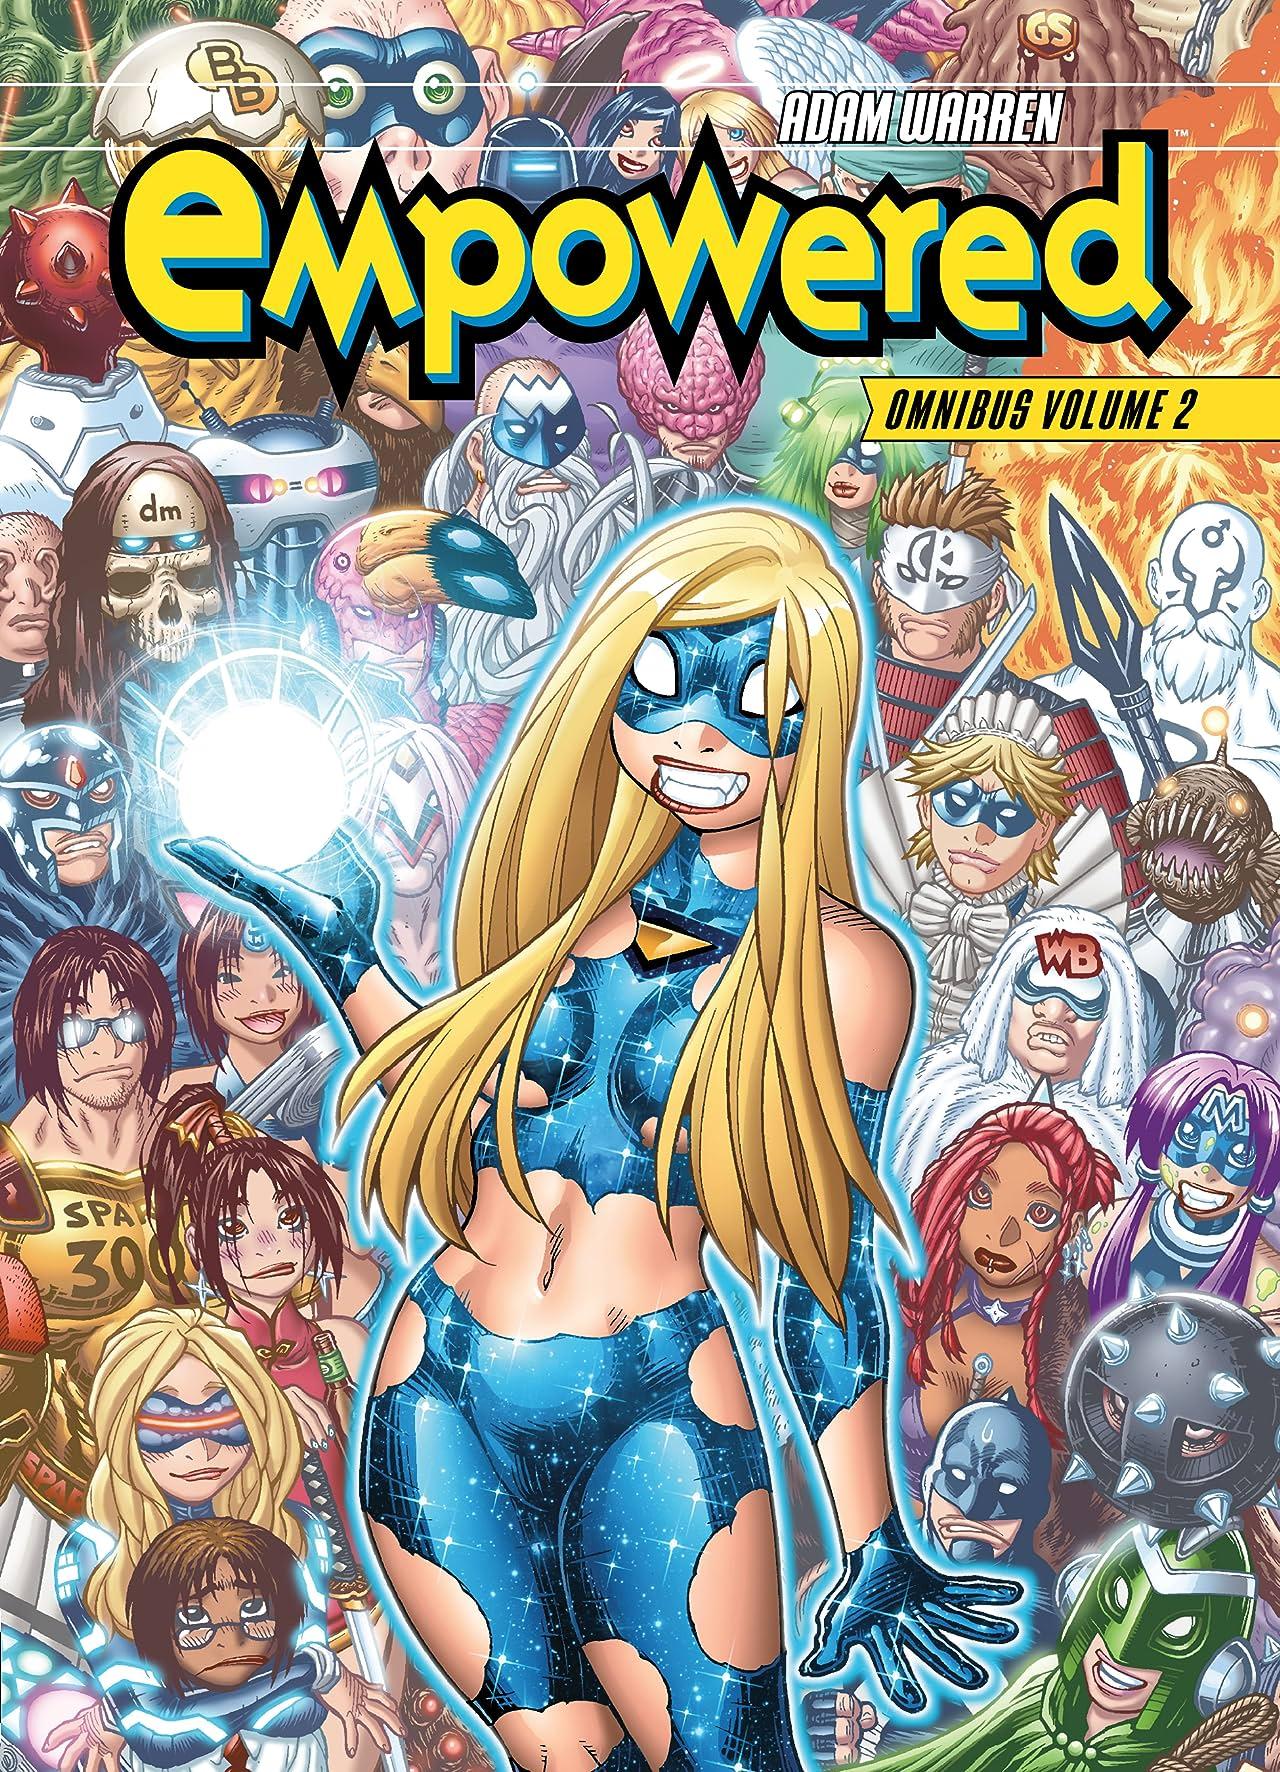 Empowered Omnibus Vol. 2